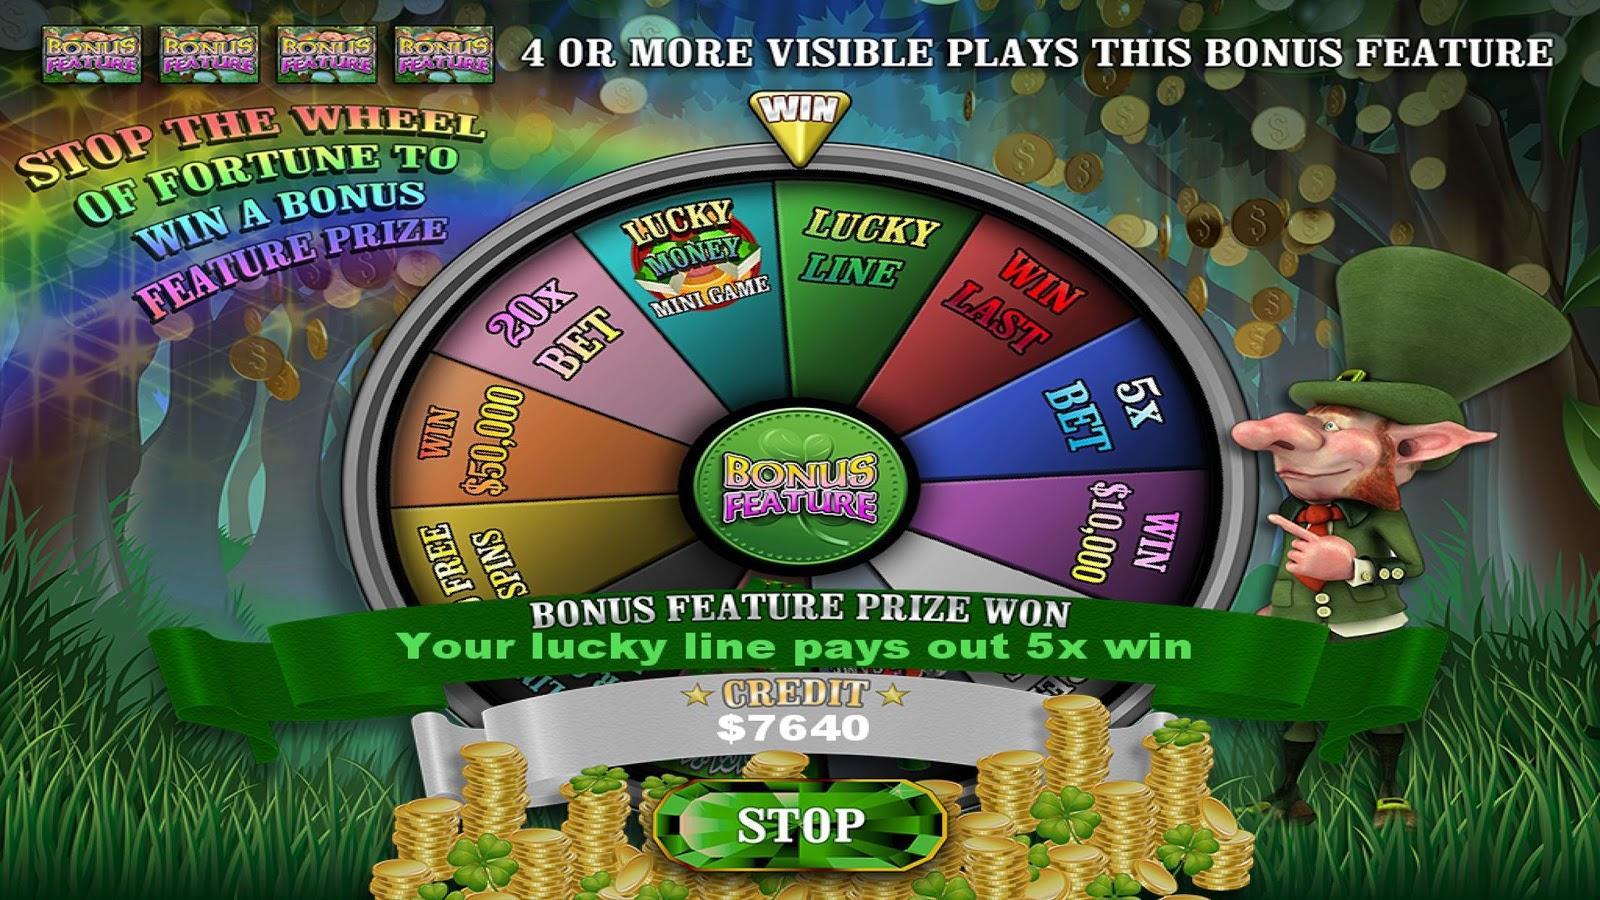 Tématické online automaty jsou zajímavější | Víte o tom, že tématické online automaty jsou zajímavější než ostatní výherní automaty? Takovou otázku si patrně položí málokdo. Je však praxí zjištěný fakt a nejedno online kasino tomu již přizpůsobilo svou herní nabídku. Je to logické. Dát lidem to, co chtějí je základ každého byznysu a hazard byznys je. Jaký výherní automat si vybíráte právě vy?